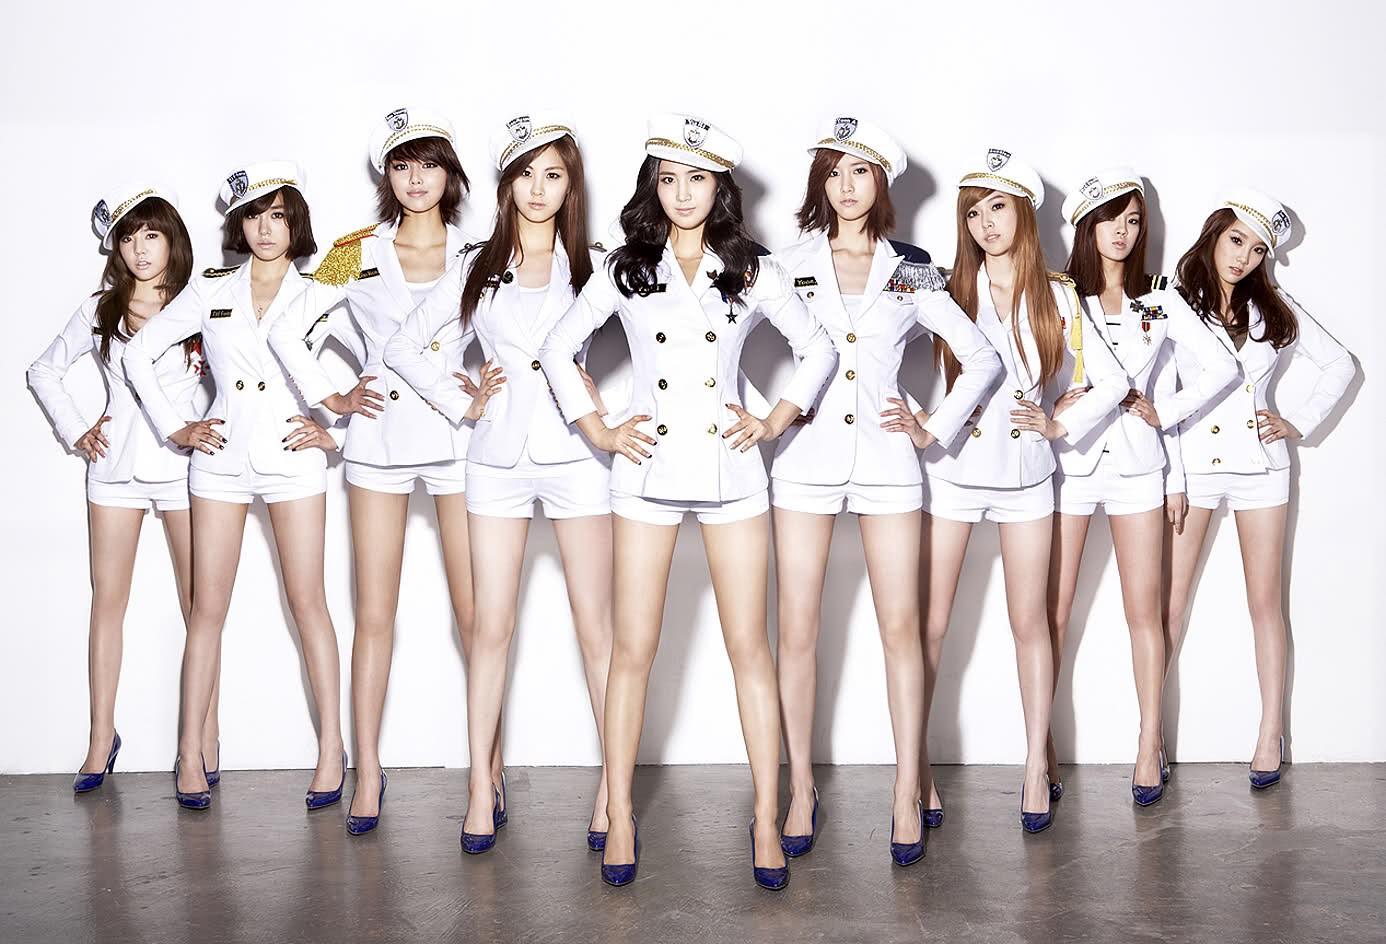 Trong suốt hai thế hệ nhóm nhạc nữ Kpop, chỉ có ca khúc này xứng đáng là đáp án hoàn hảo cho bài toán chuyển mình - Ảnh 6.